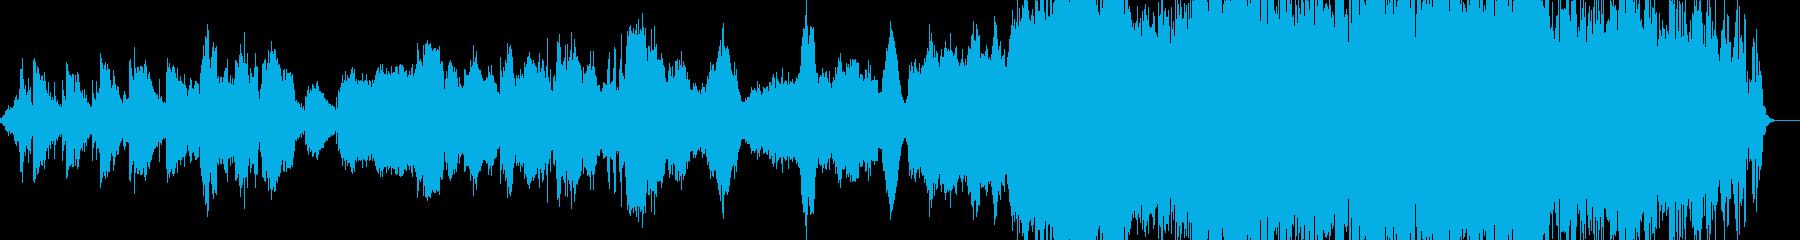 エレクトリックにほんわか曲の再生済みの波形